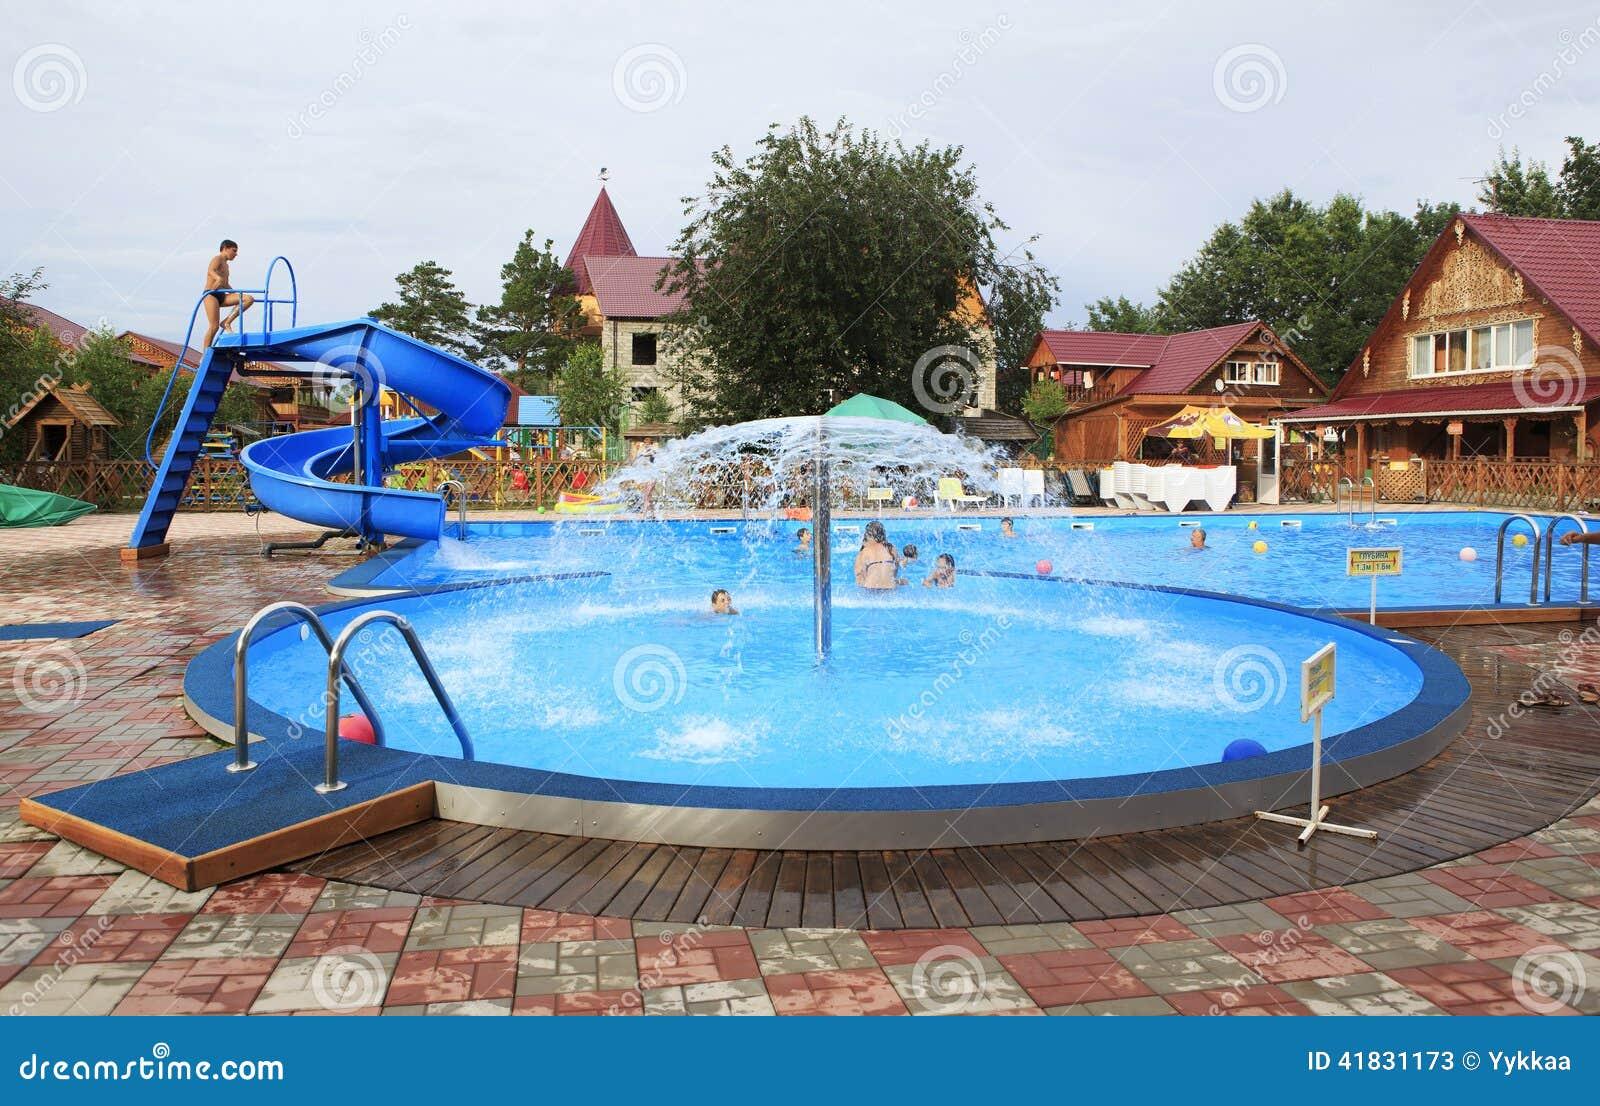 La Piscine Des Enfants Avec Une Fontaine Et Une Glissiere Photo